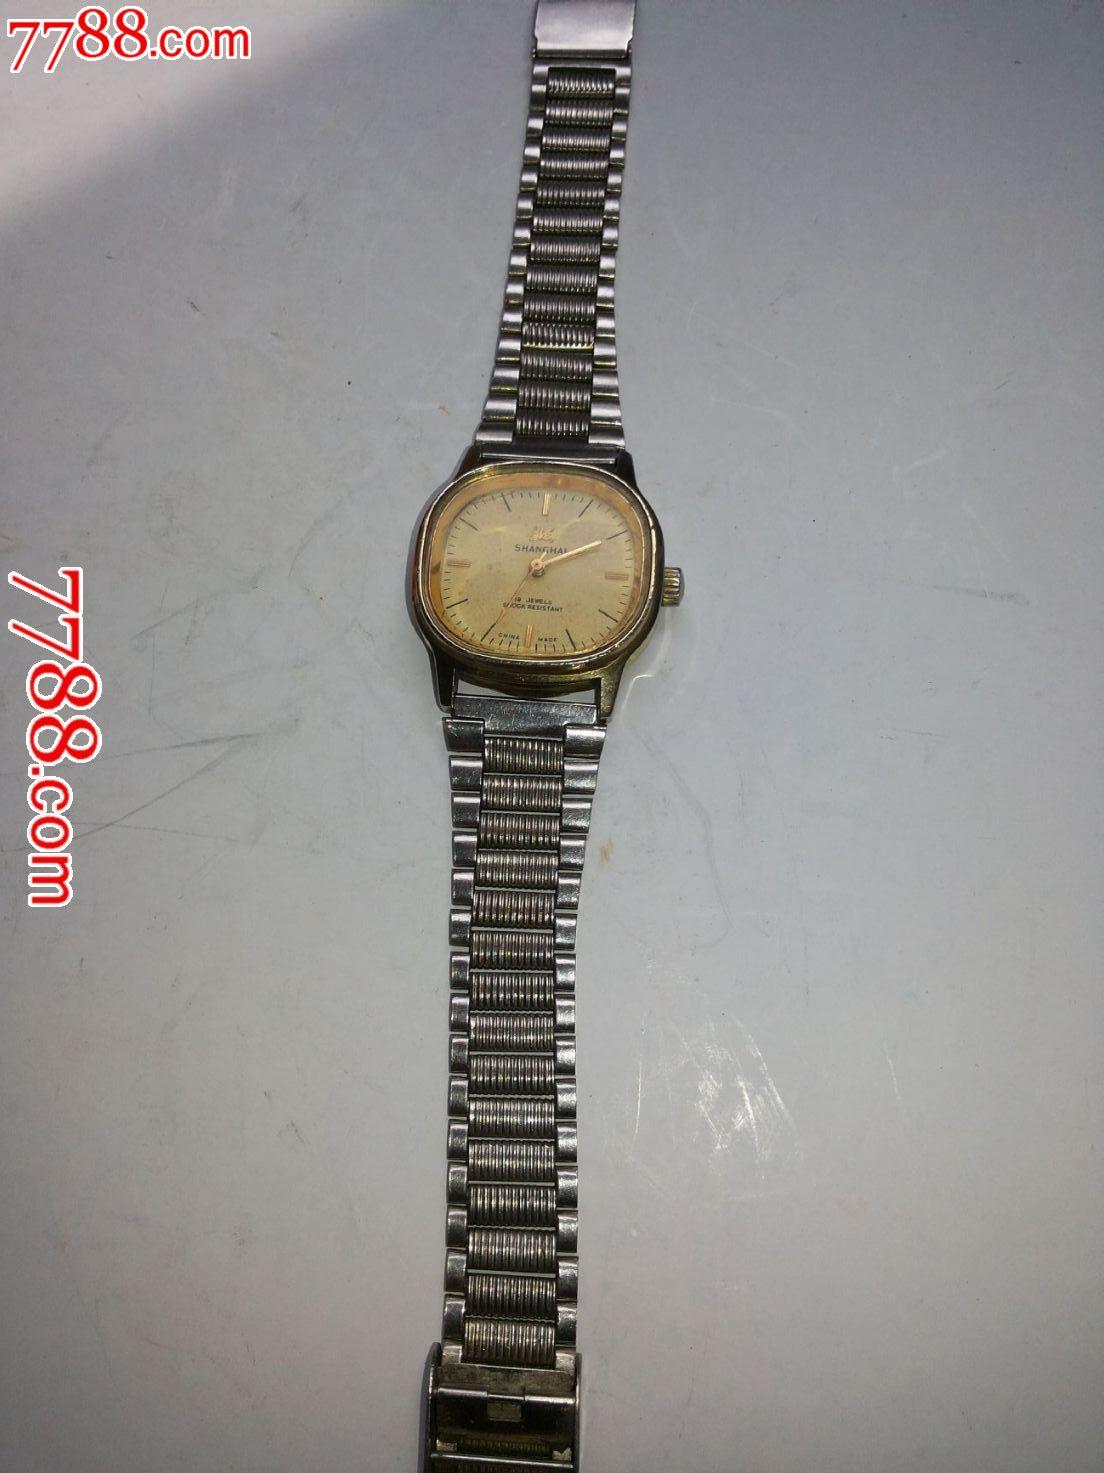 老上海表,手表\/腕表,机械,年代不详,上海,钢,中国